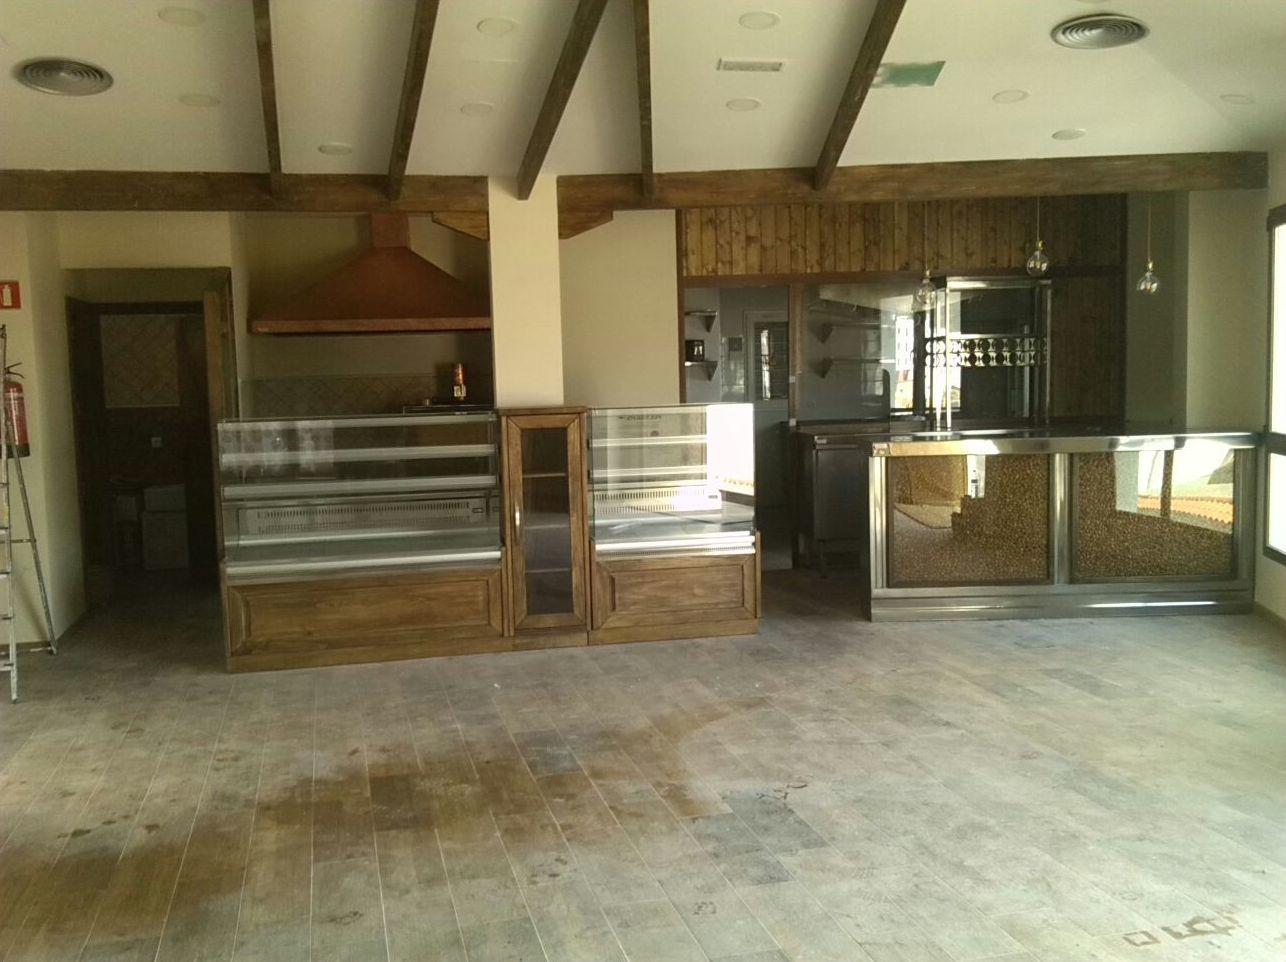 Foto 20 de Venta y distribución de maquinaria para hostelería en Las Palmas de Gran Canaria | Cotahisar S.L.